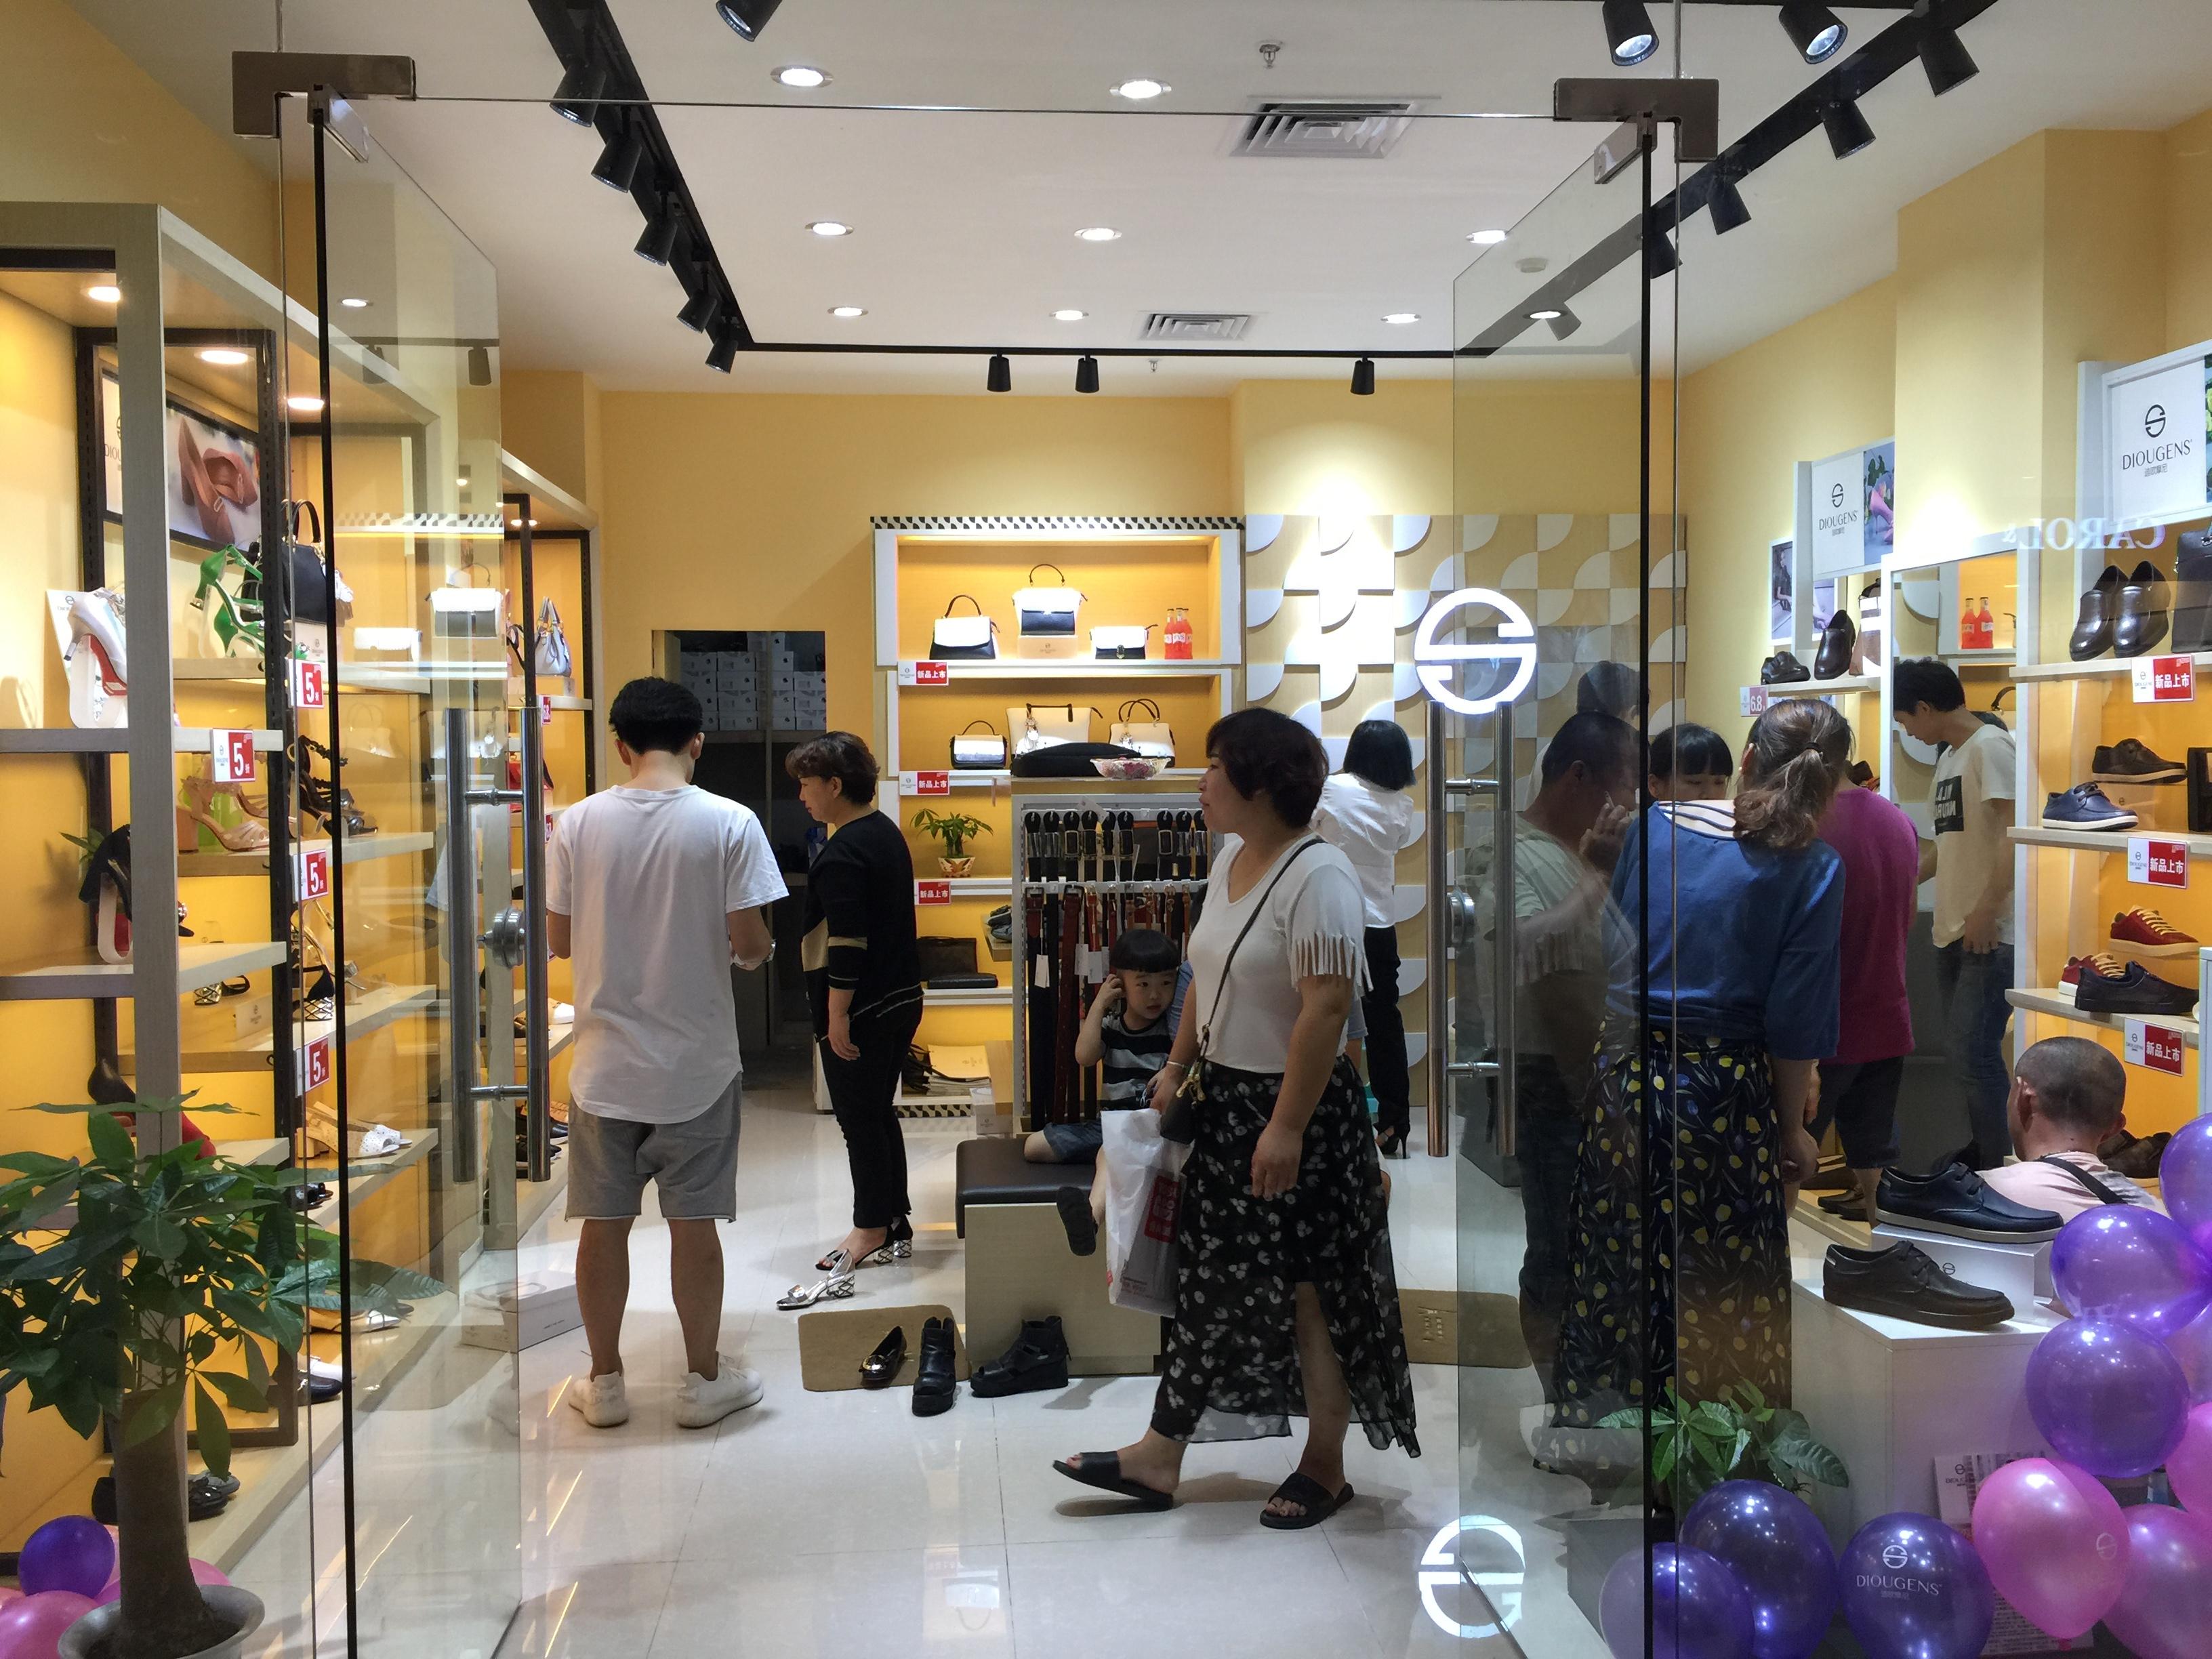 女鞋加盟项目哪个比较好?投资迪欧摩尼女鞋成本高吗?